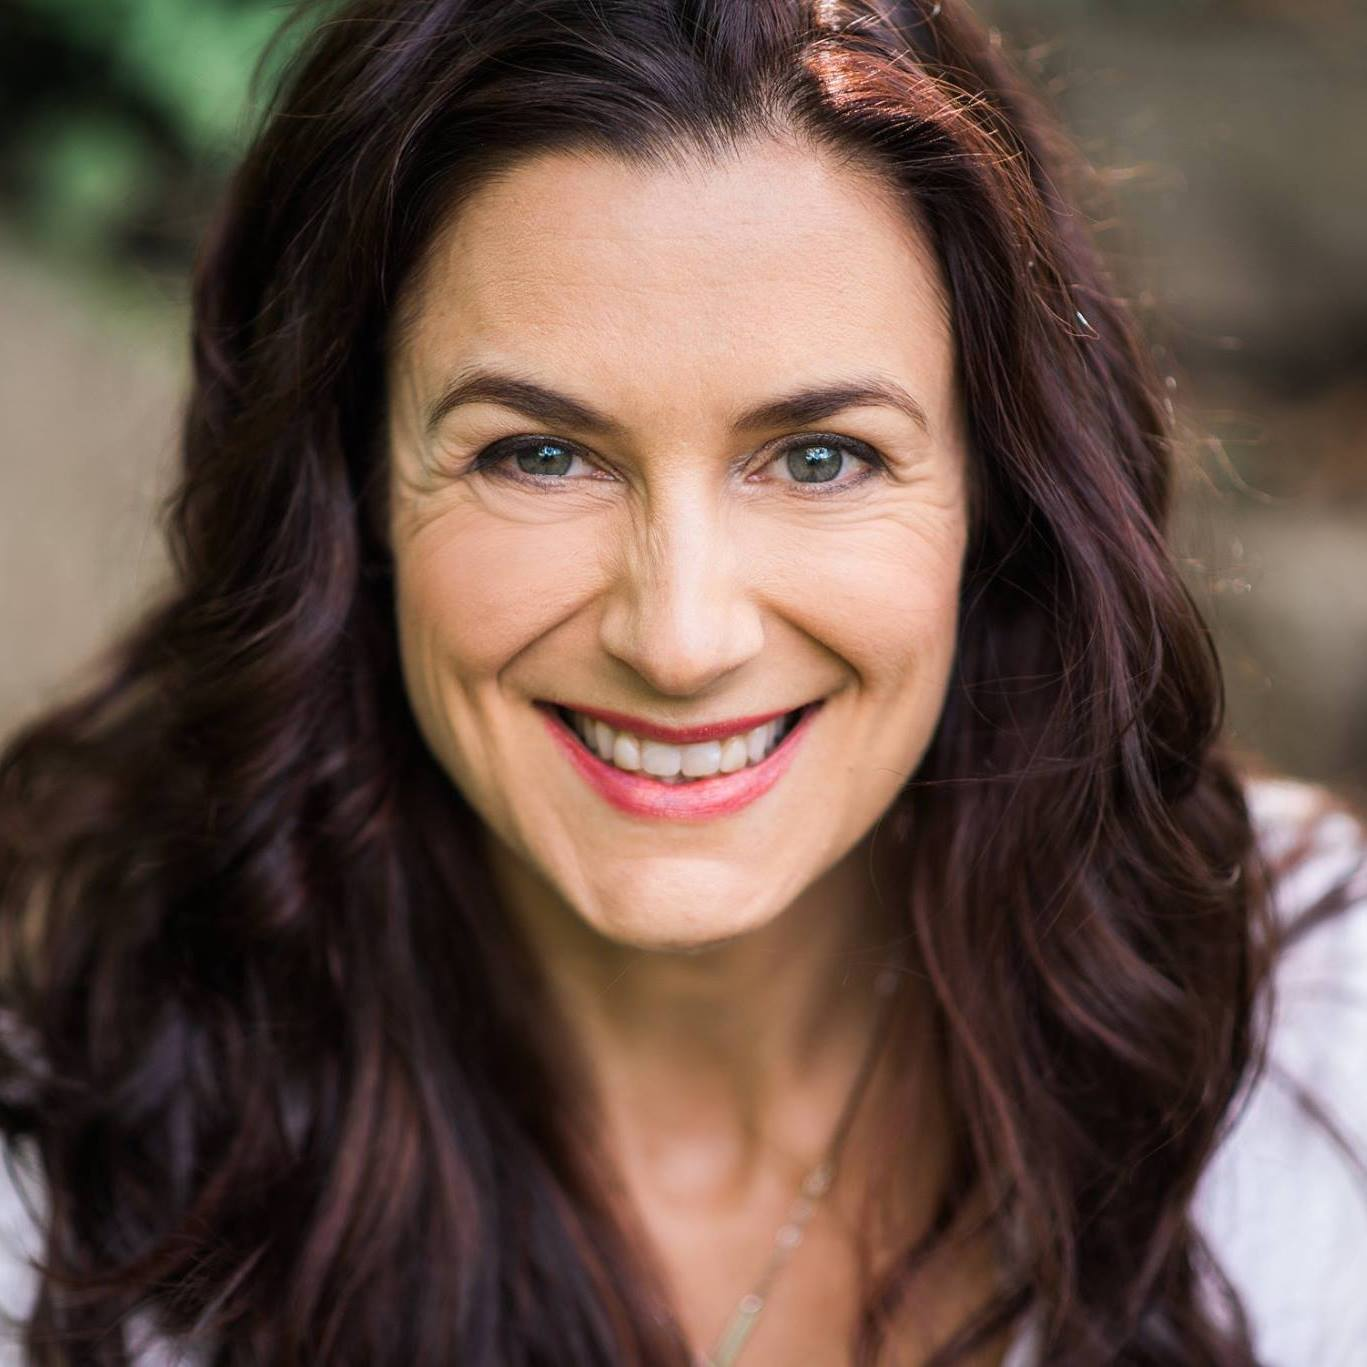 Stephanie Slawek